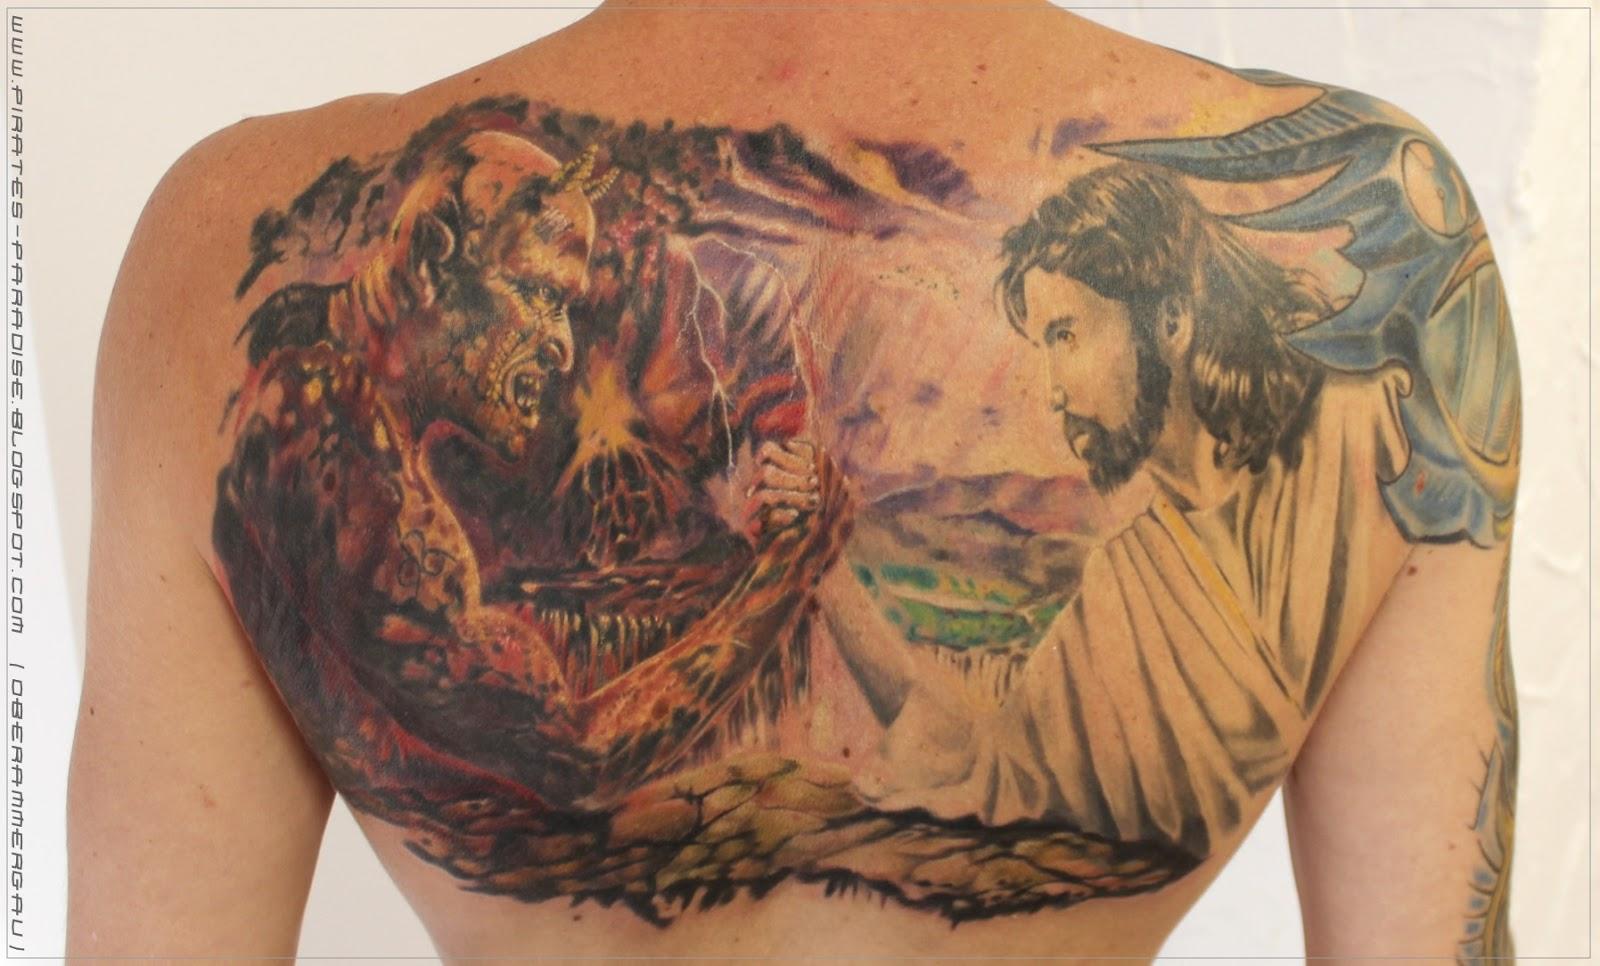 Vanellope Tattoo